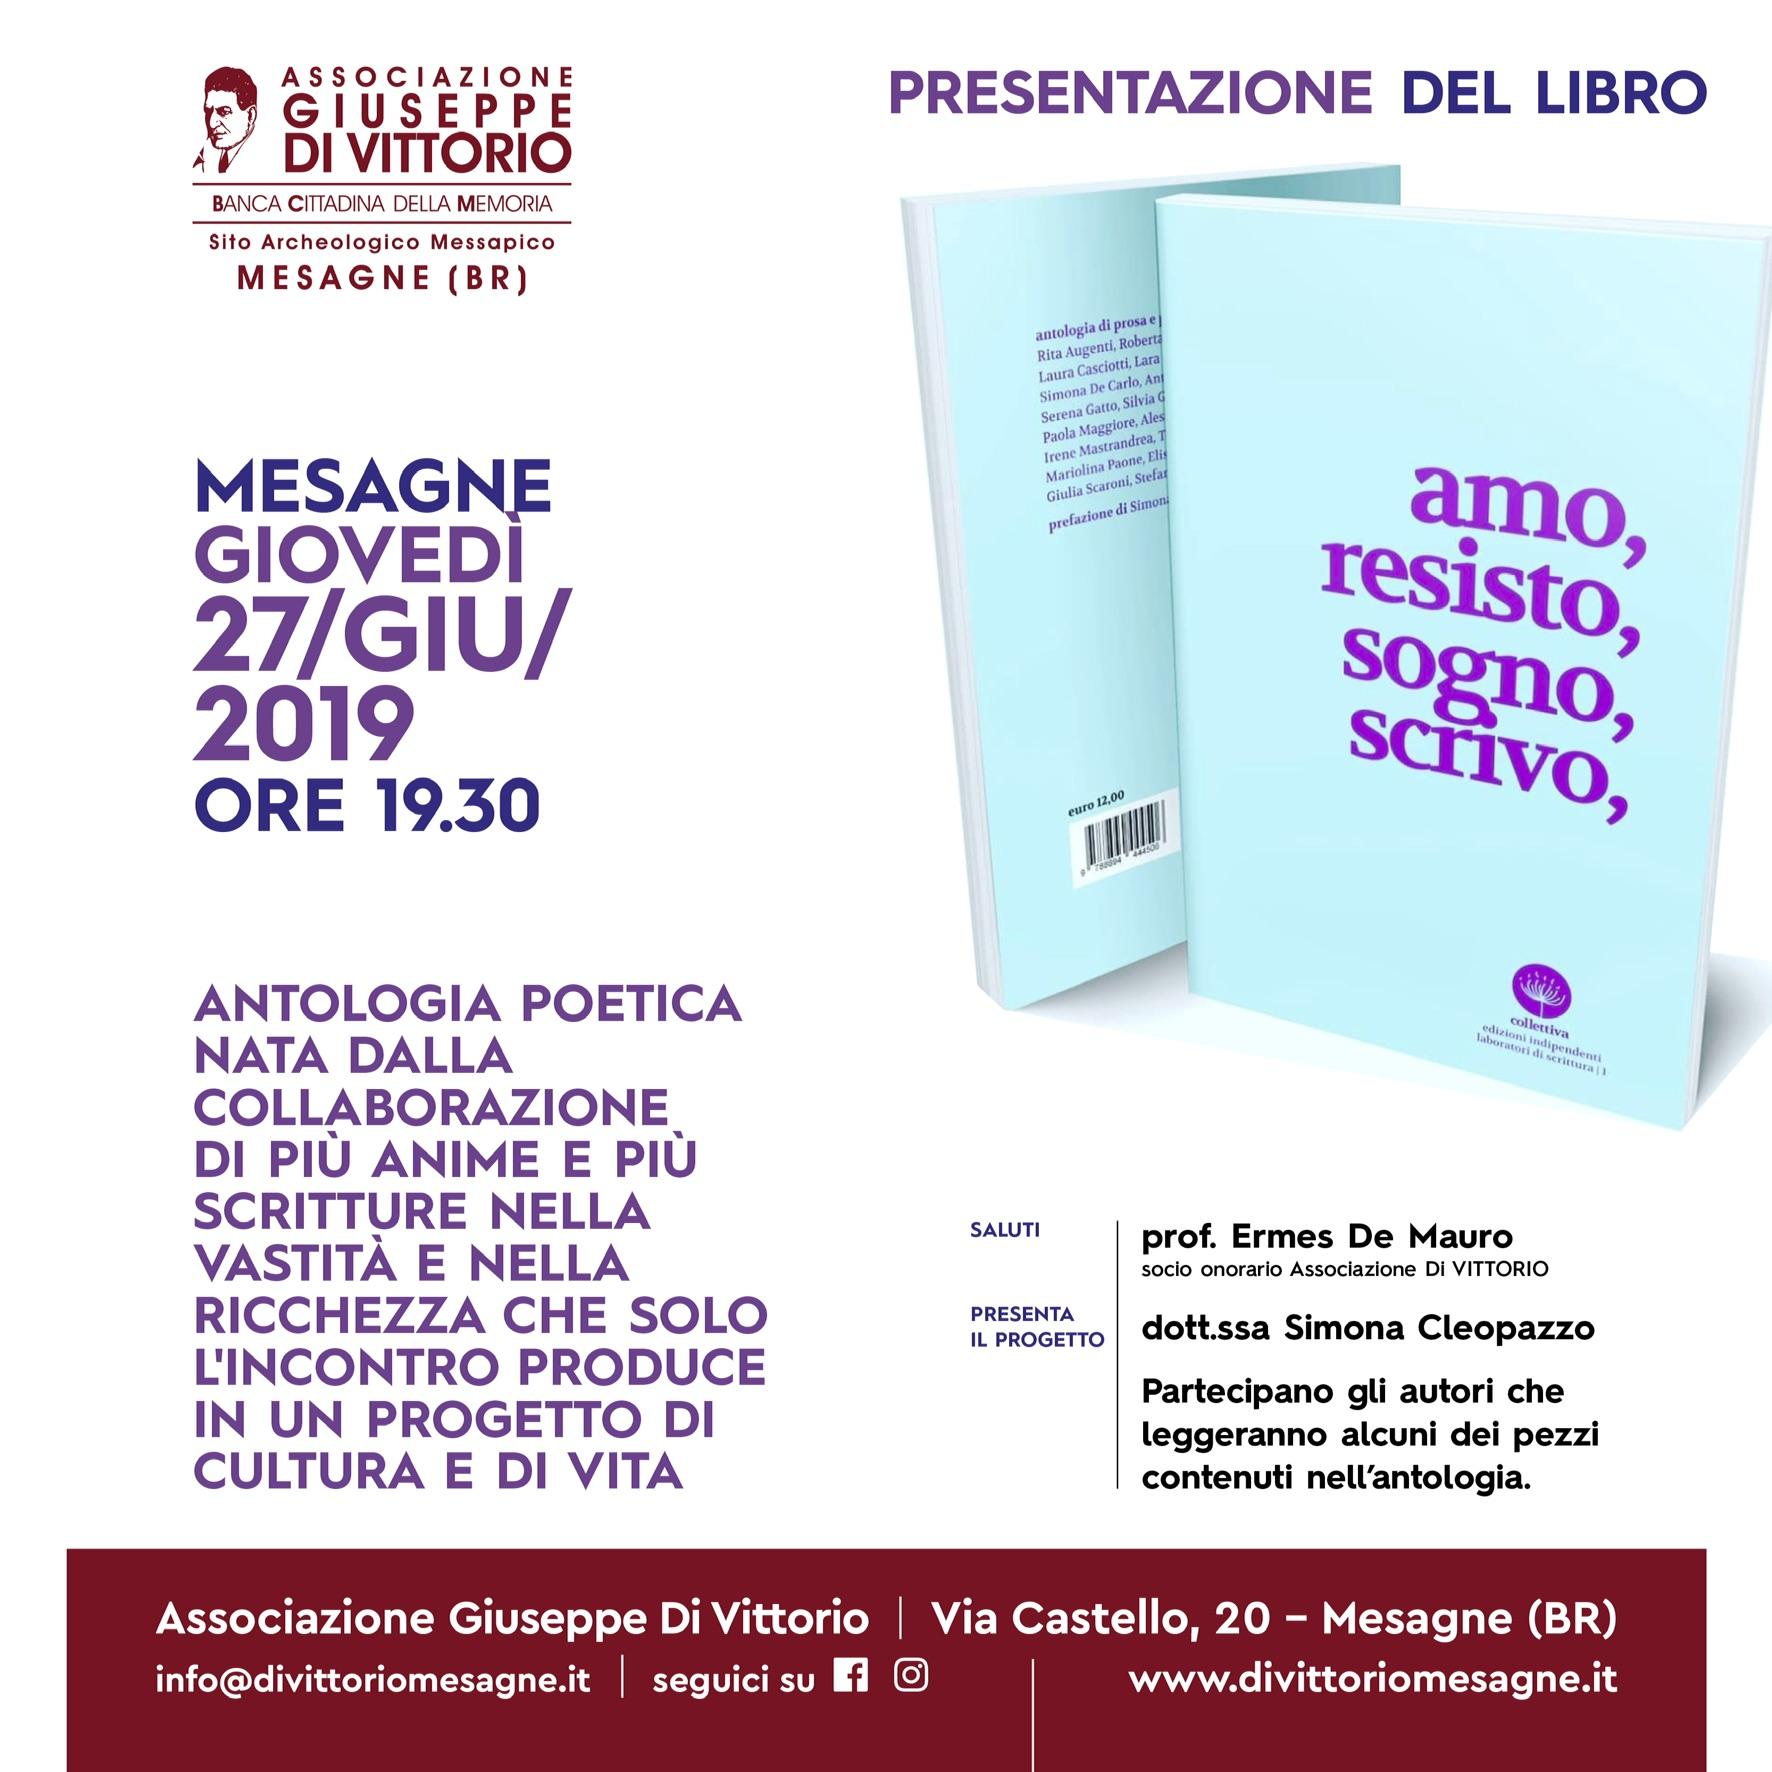 """Presentazione del libro """"Amo, Resisto, Sogno, Scrivo"""" - Qui"""